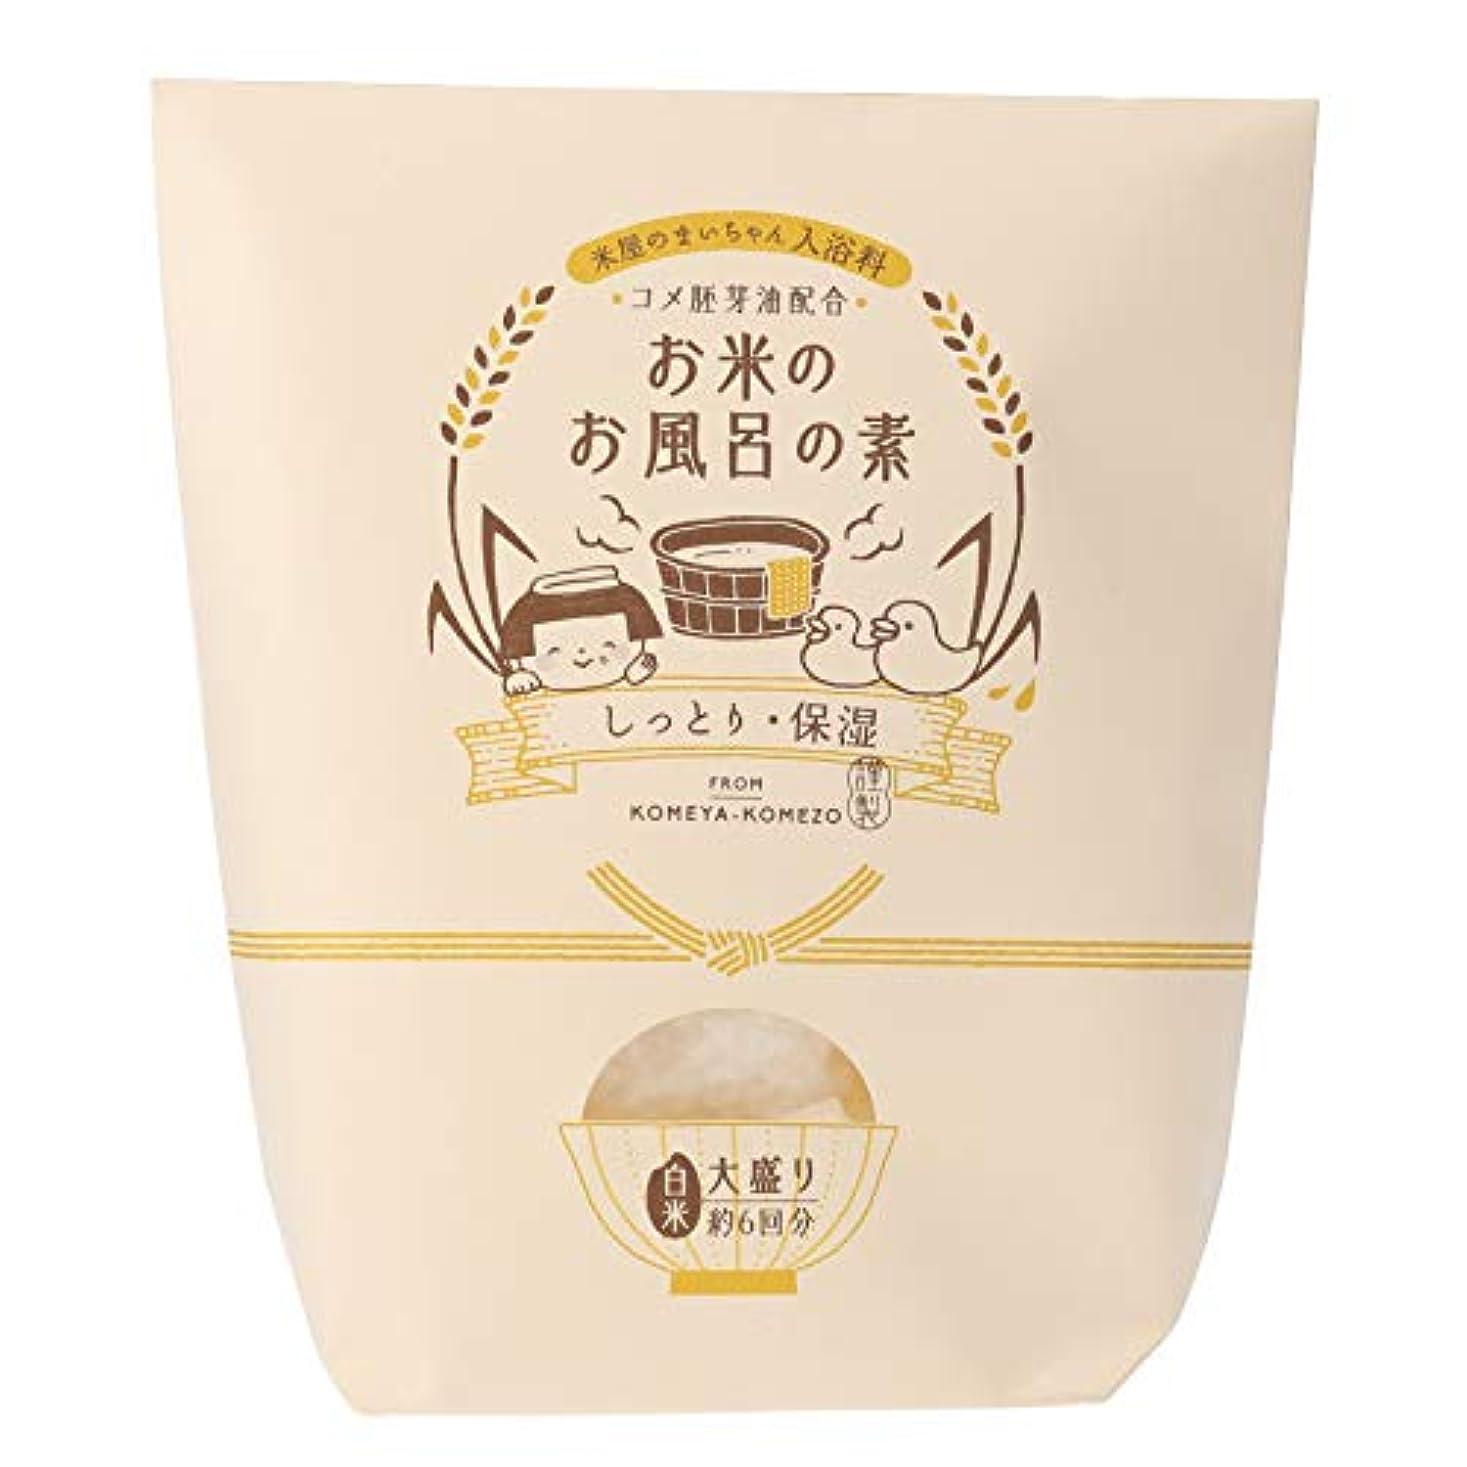 なぜならコーン絡み合い米屋のまいちゃん家の逸品 お米のお風呂の素 大盛り(保湿) 入浴剤 142mm×55mm×156mm